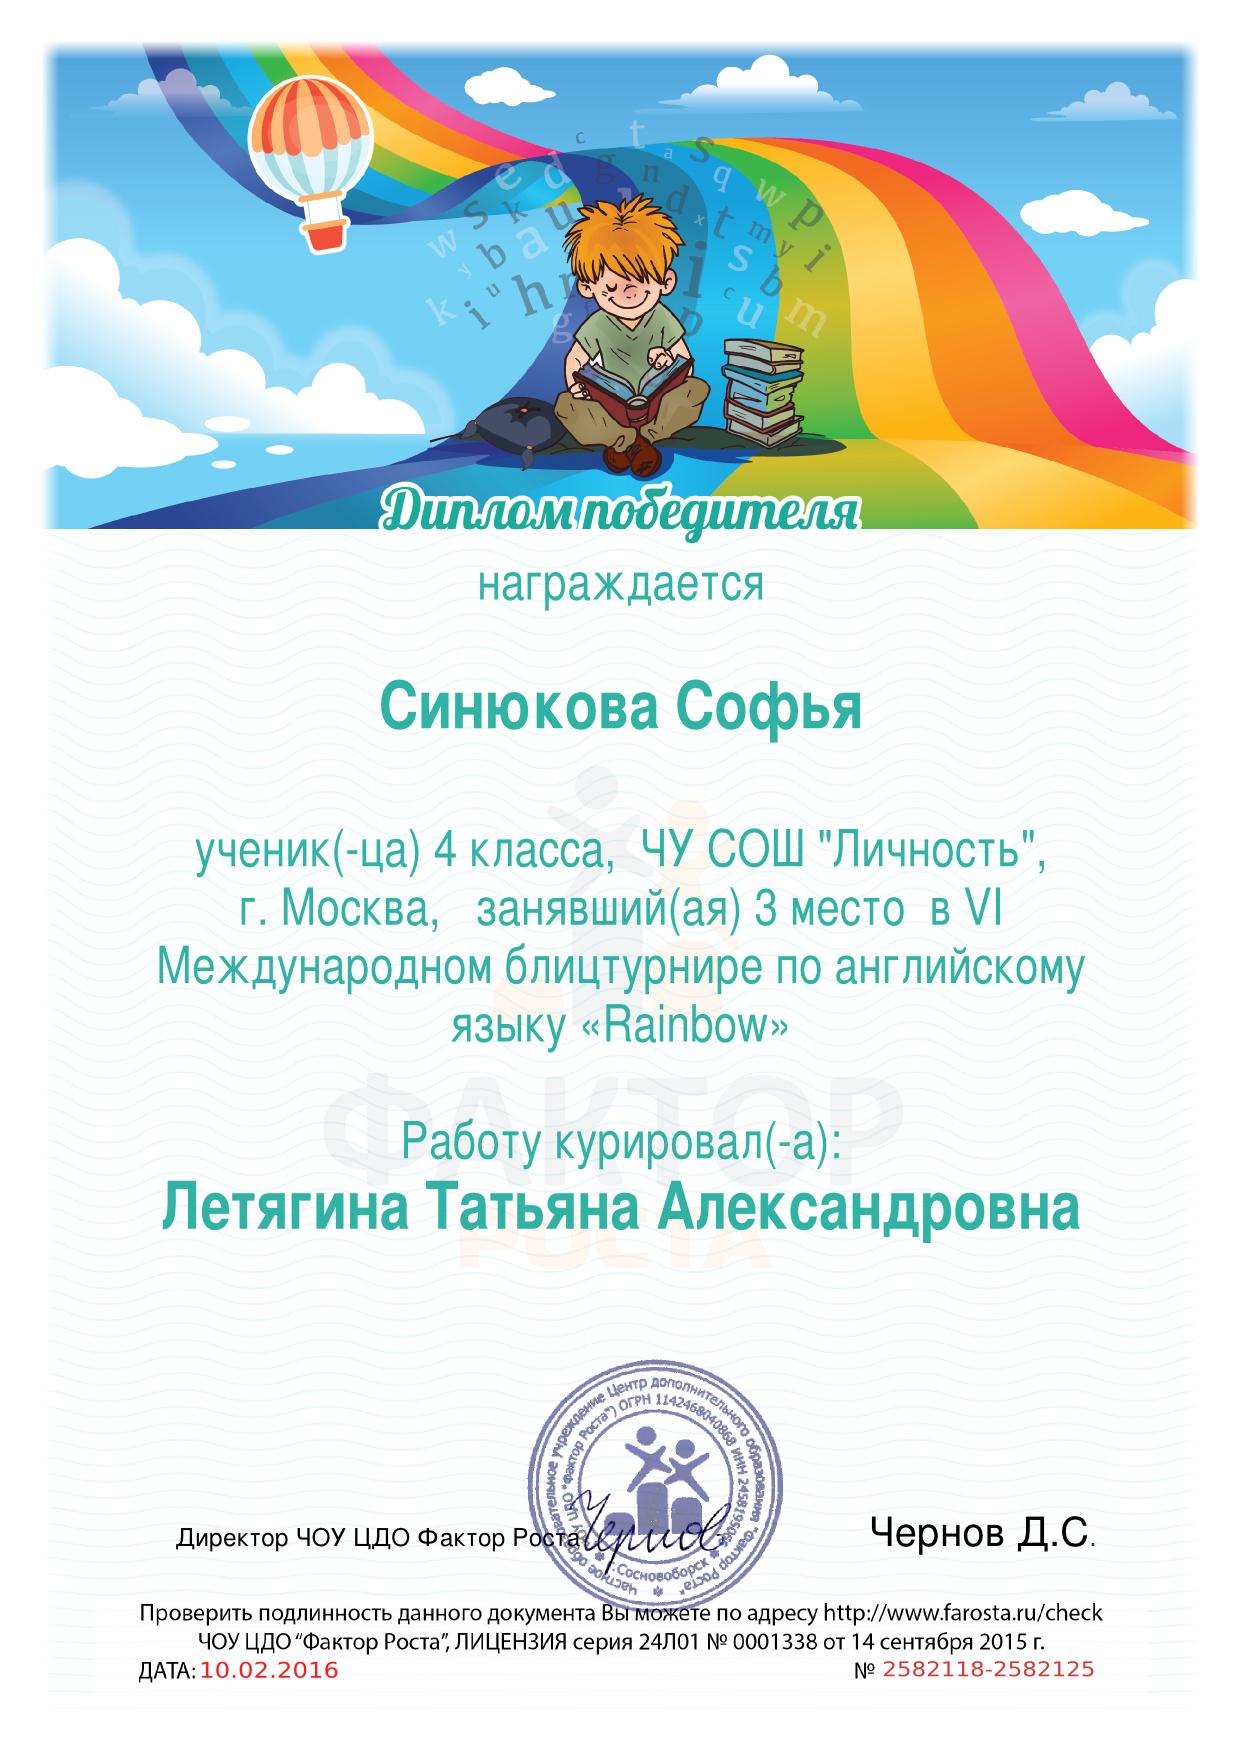 """Поздравляем Синюкову Софью с победой в VI Международном блицтурнире по английскому языку """"Rainbow"""""""